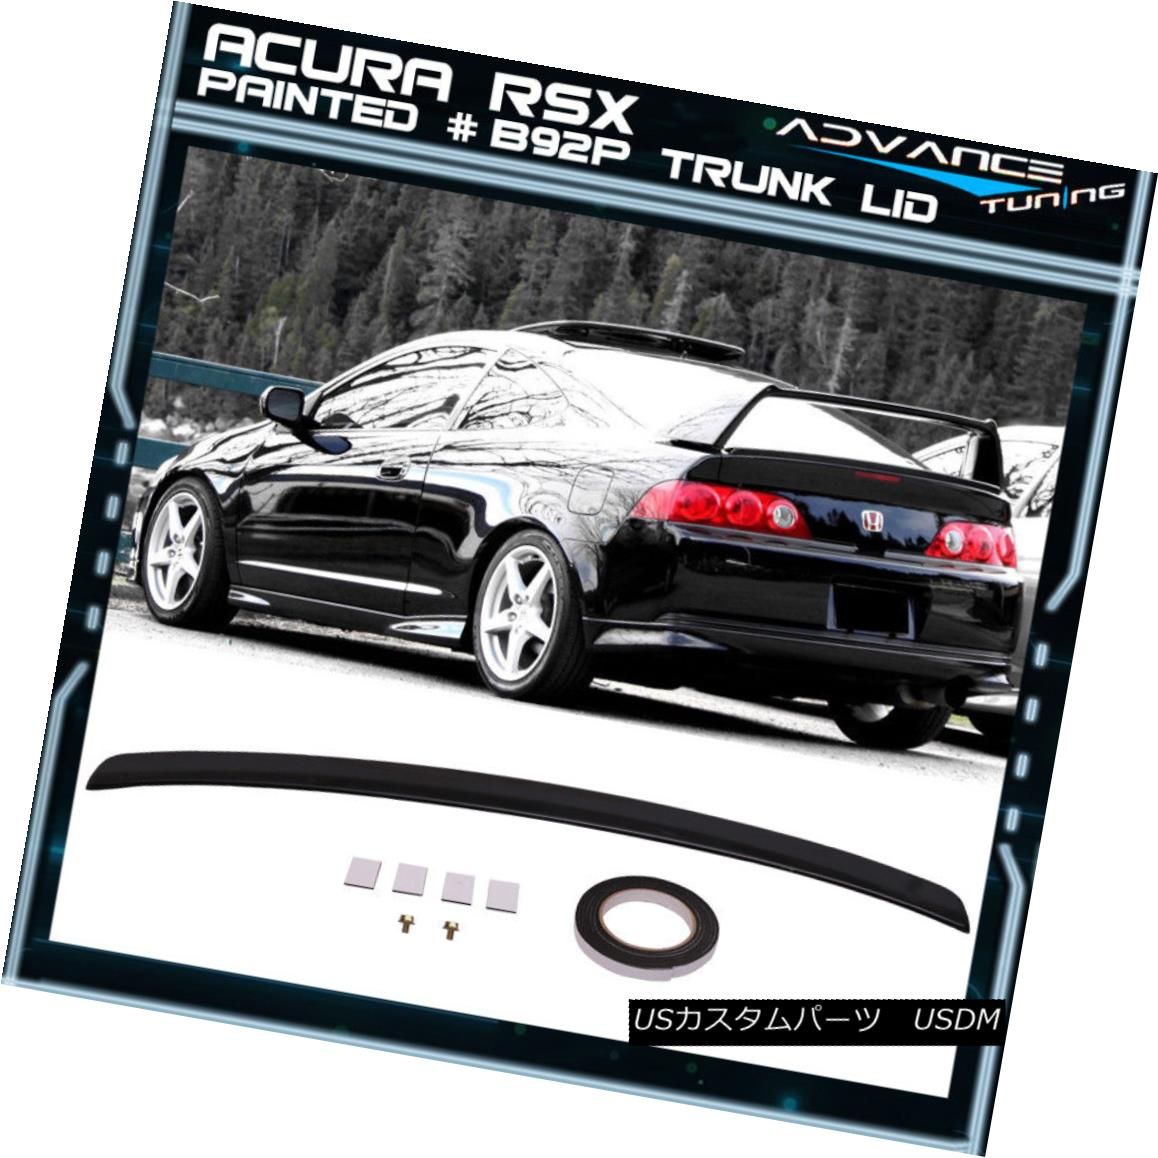 エアロパーツ 02-06 RSX Type R Trunk Spoiler ABS OEM Painted Nightghawk Black Pearl #B92P 02-06 RSXタイプRトランクスポイラーABS OEM塗装ナイトホークブラックパール#B92P